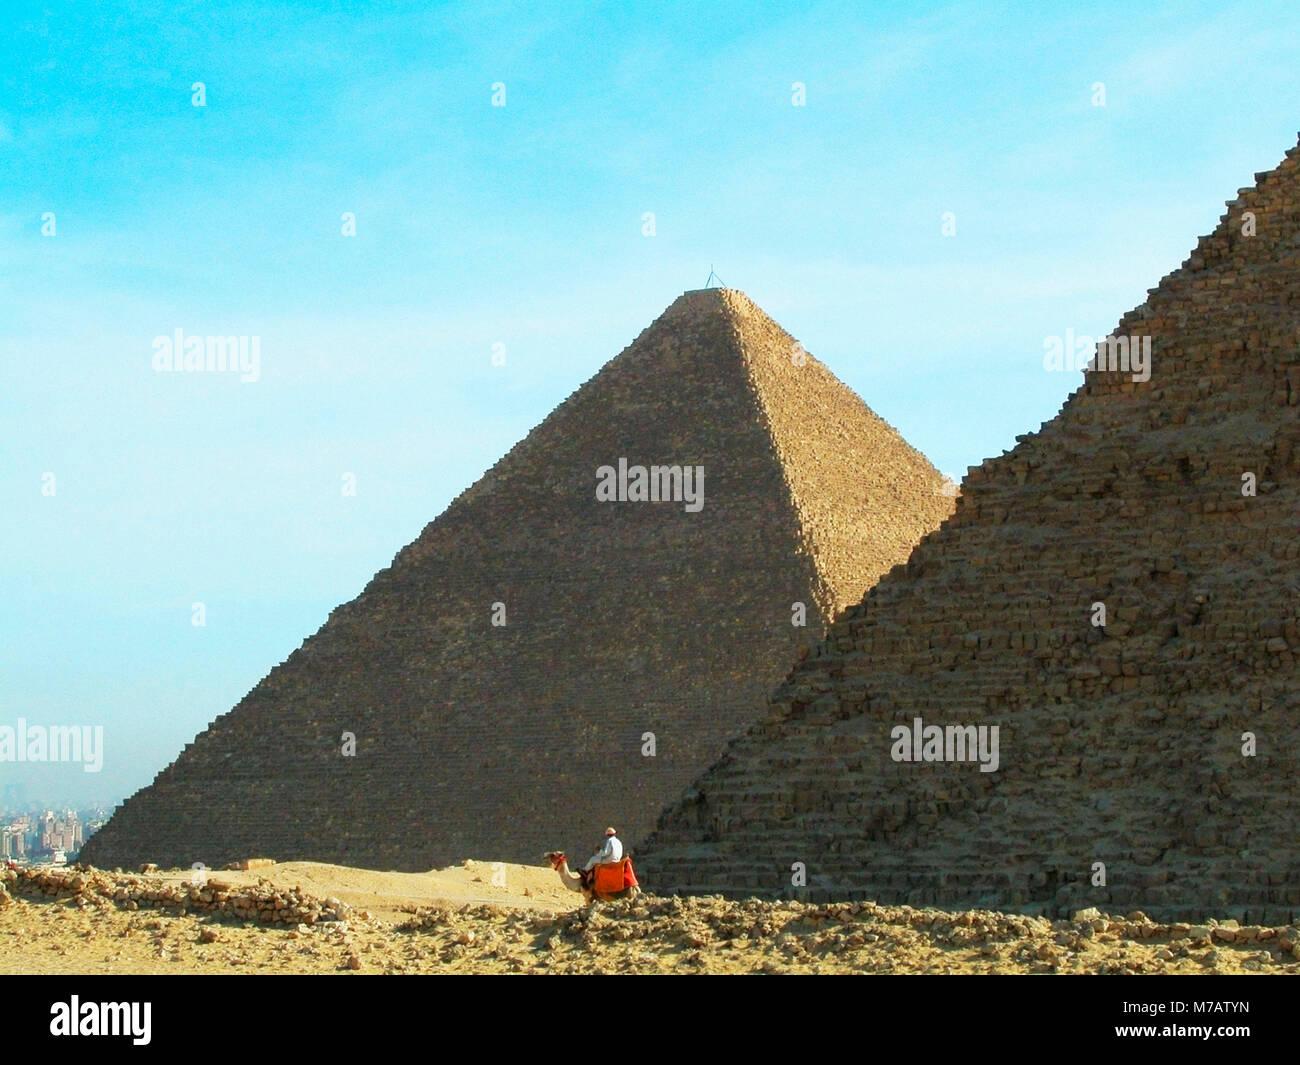 Un uomo su un cammello di fronte le piramidi di Giza, le Piramidi di Giza, il Cairo, Egitto Immagini Stock